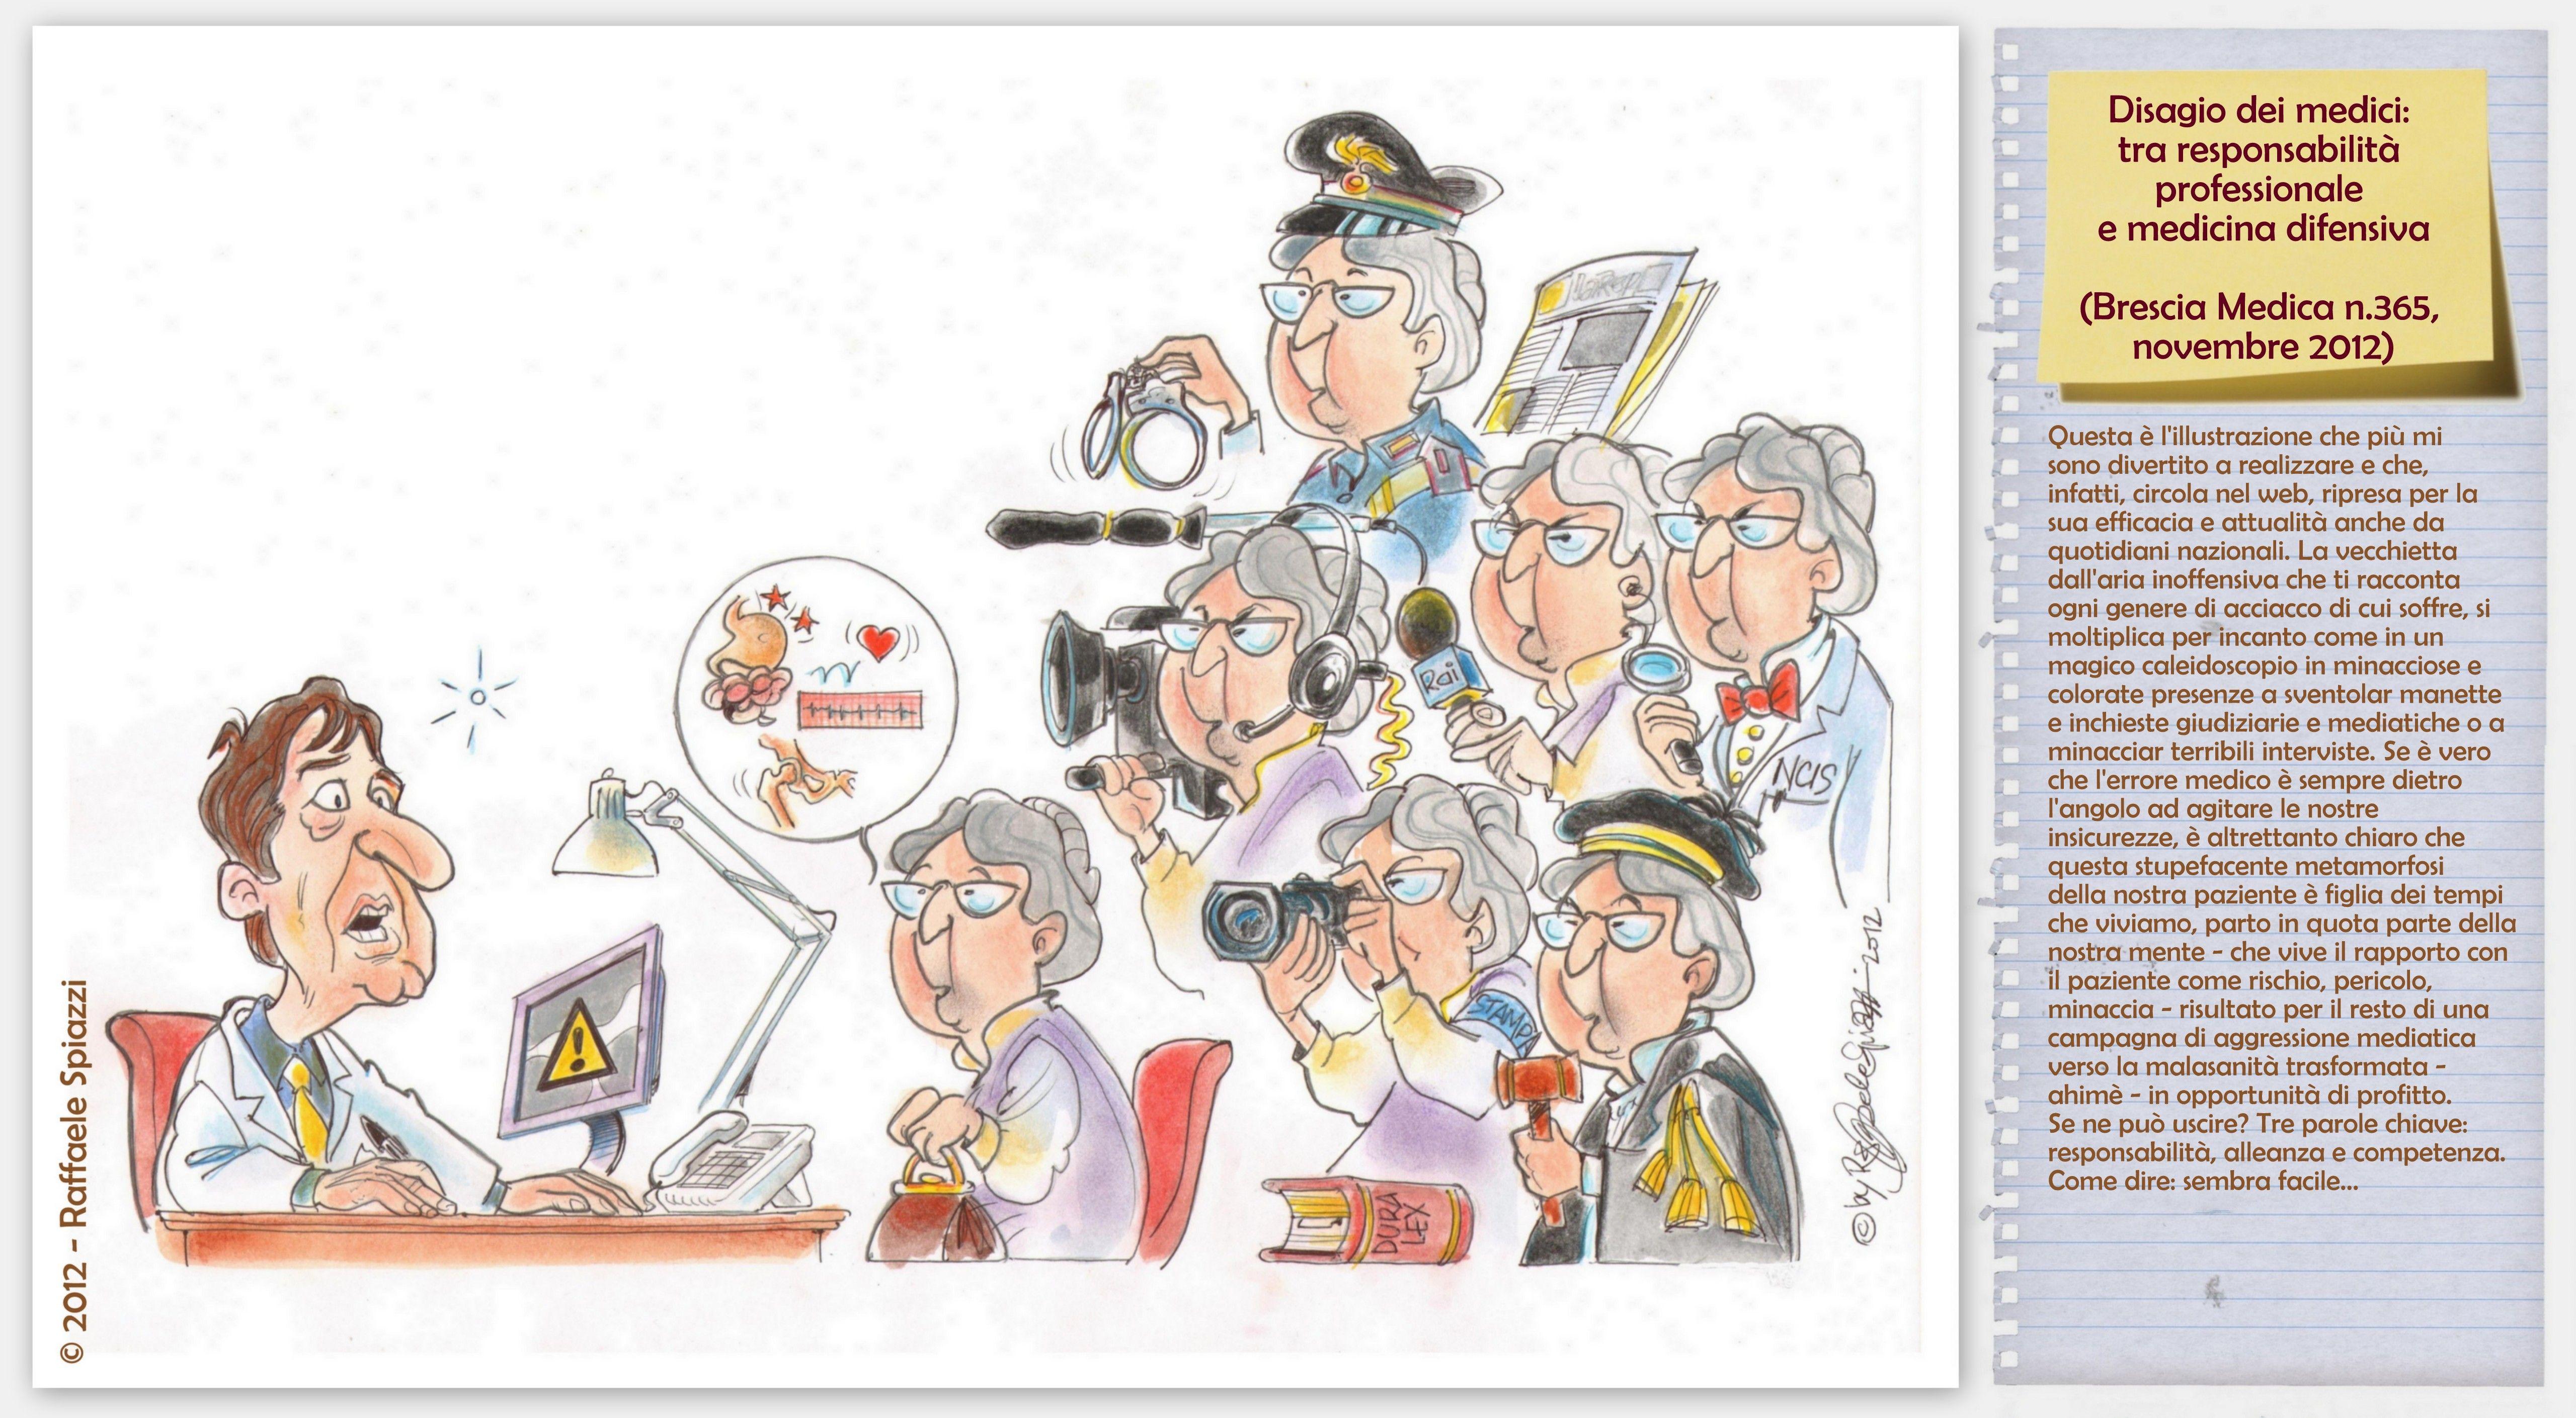 Disagio dei medici: tra responsabilità professionale e medicina difensiva.  (Brescia Medica n.365, novembre 2012)